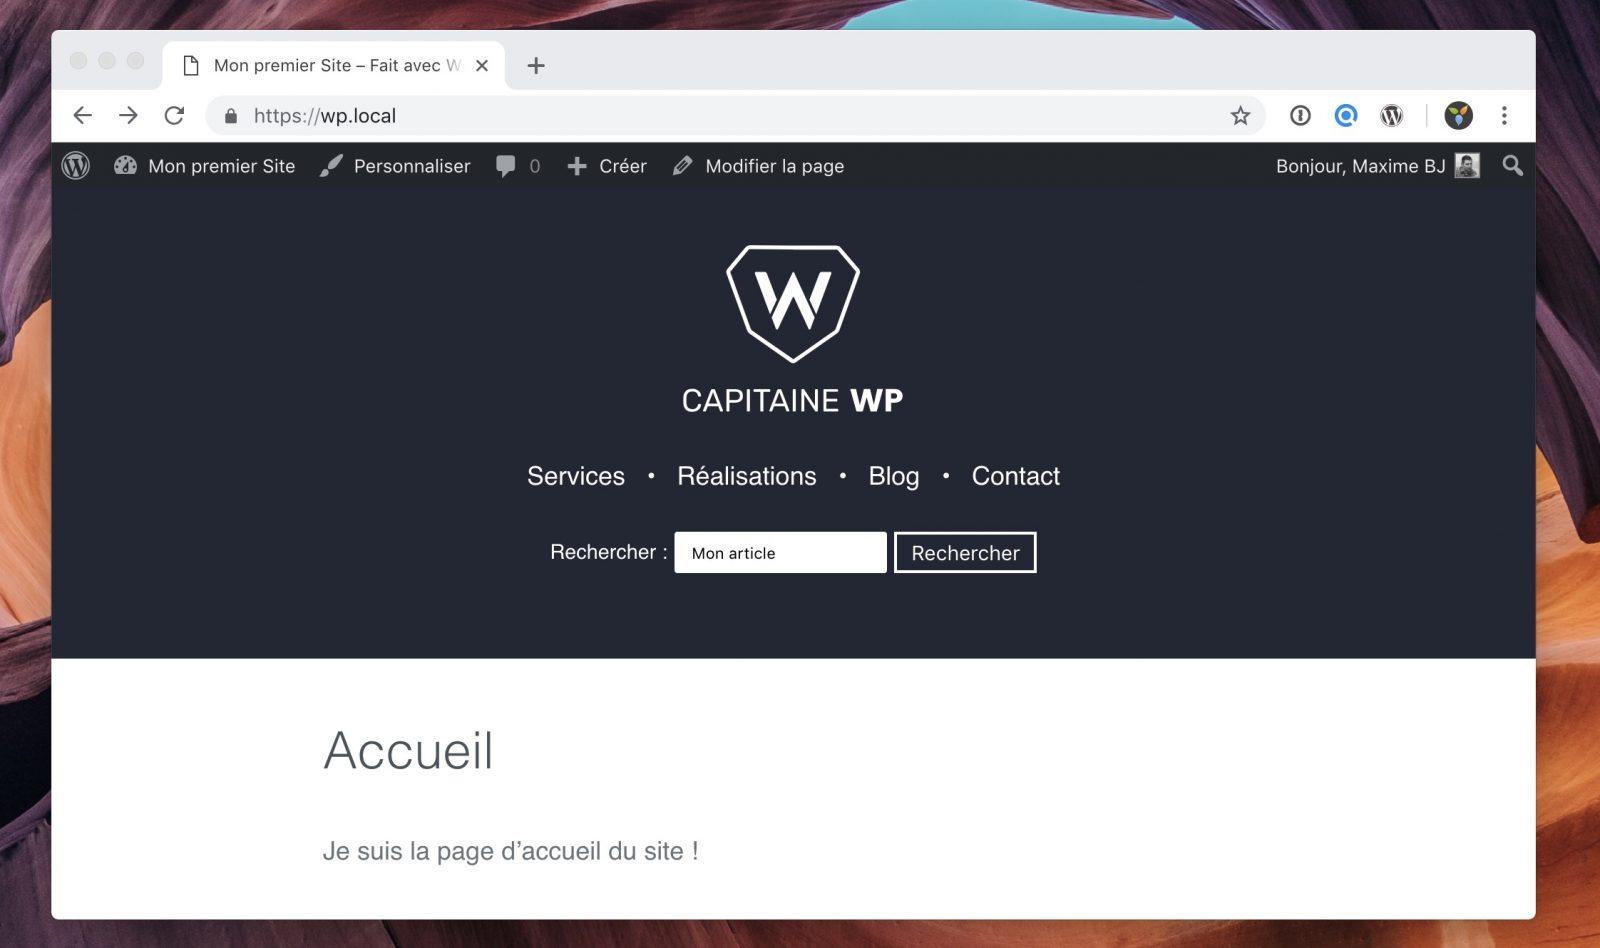 Le moteur de recherche de WordPress